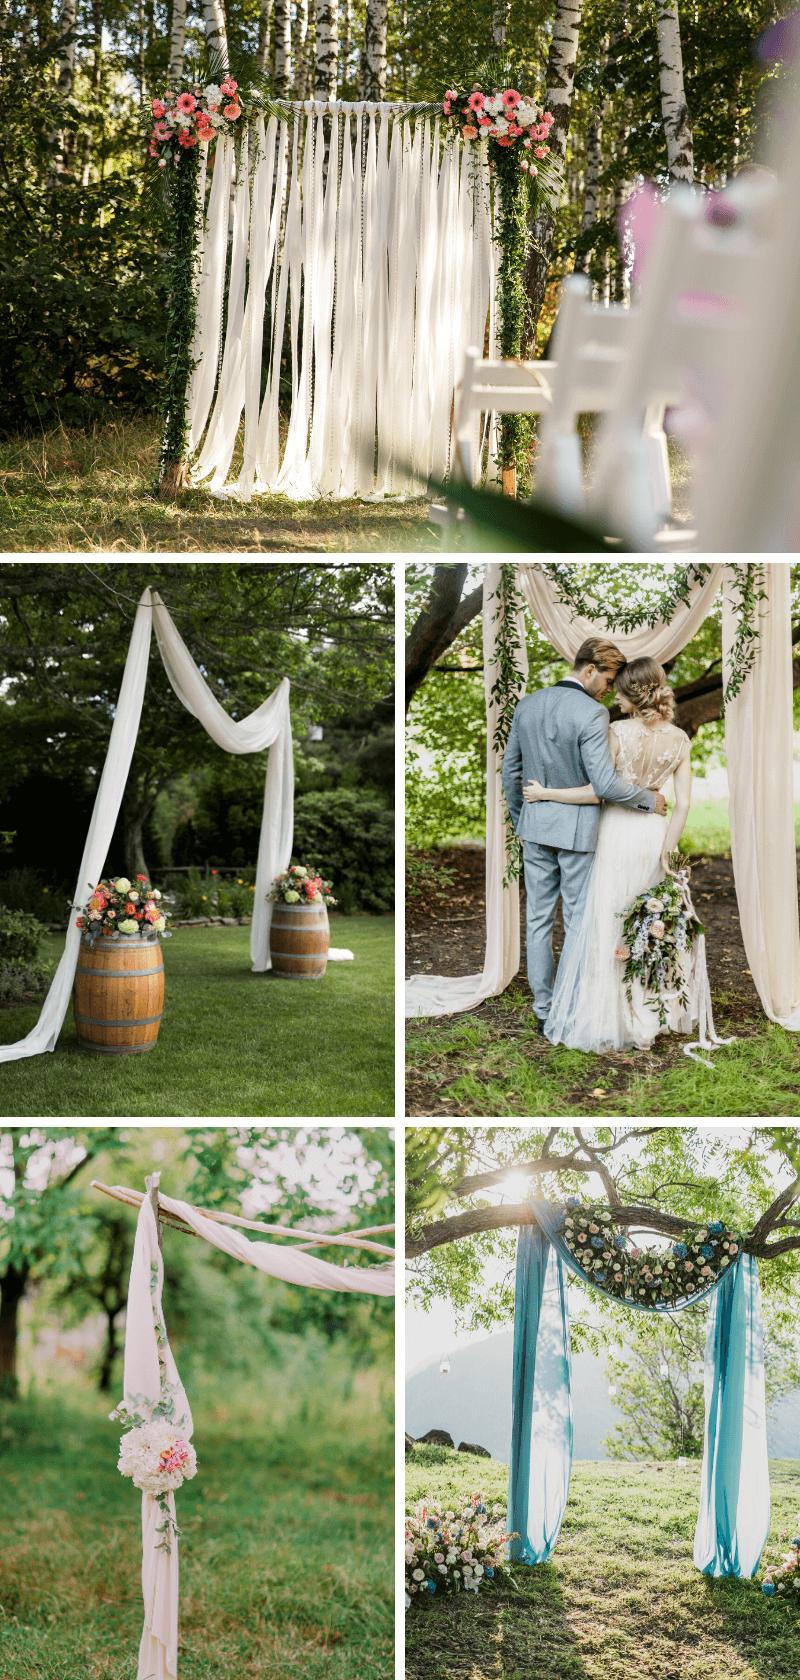 Hochzeitsbogen mit Tuch, Hochzeitsdeko mit Stoffen